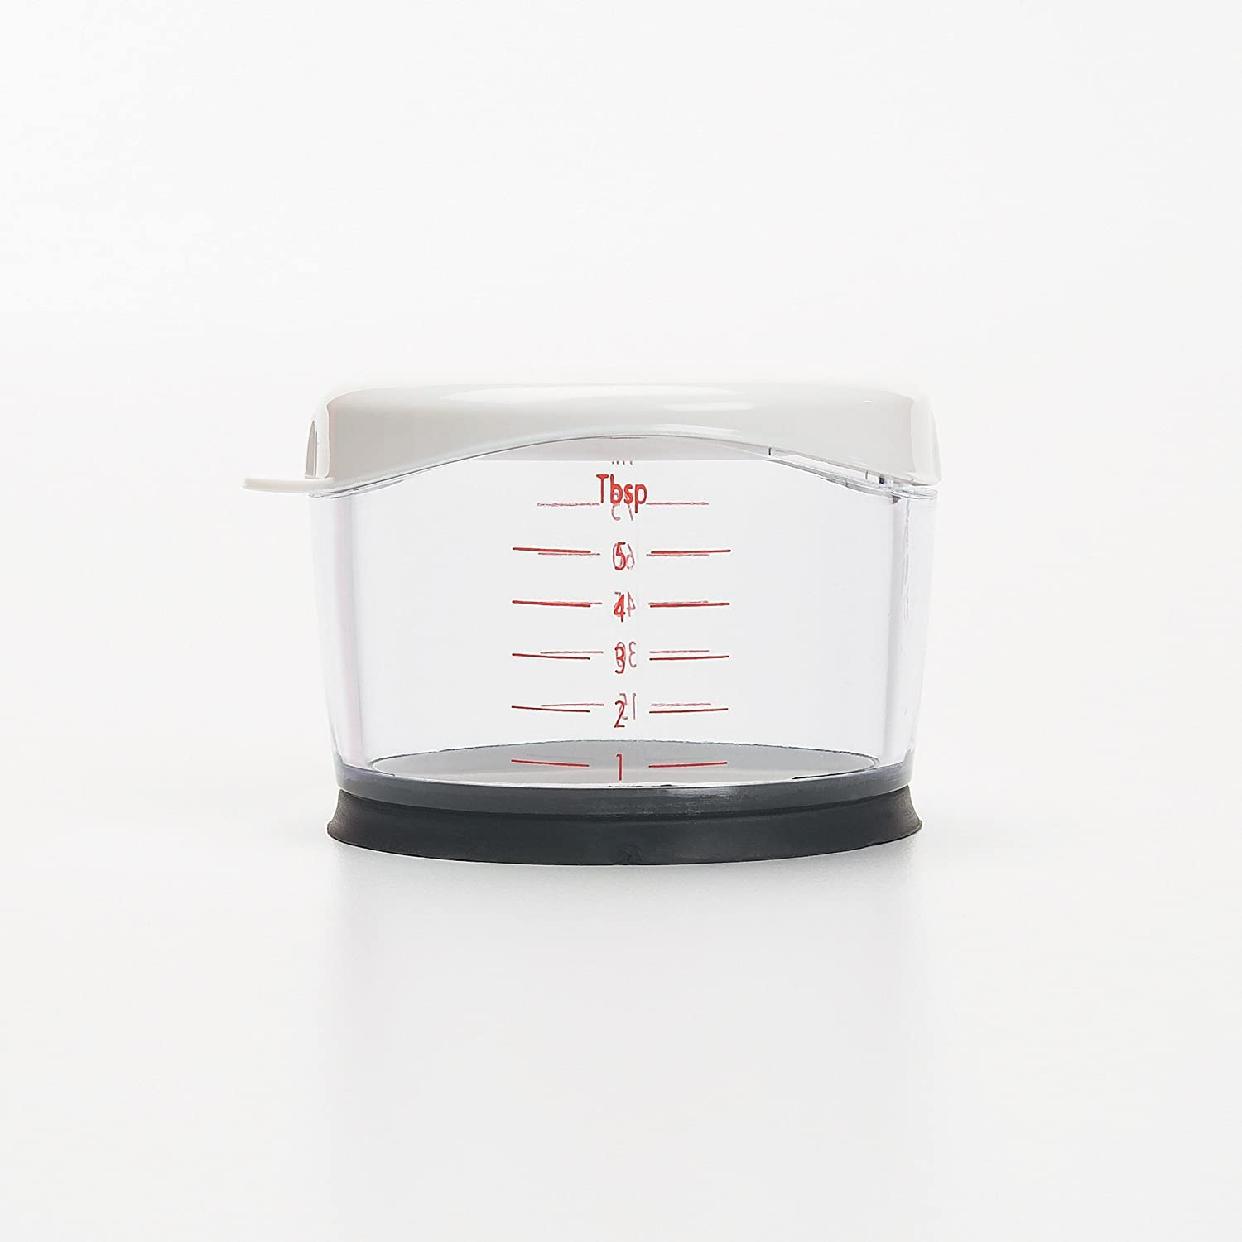 OXO(オクソー)ミニ チョッパー 1060620 ホワイトの商品画像6